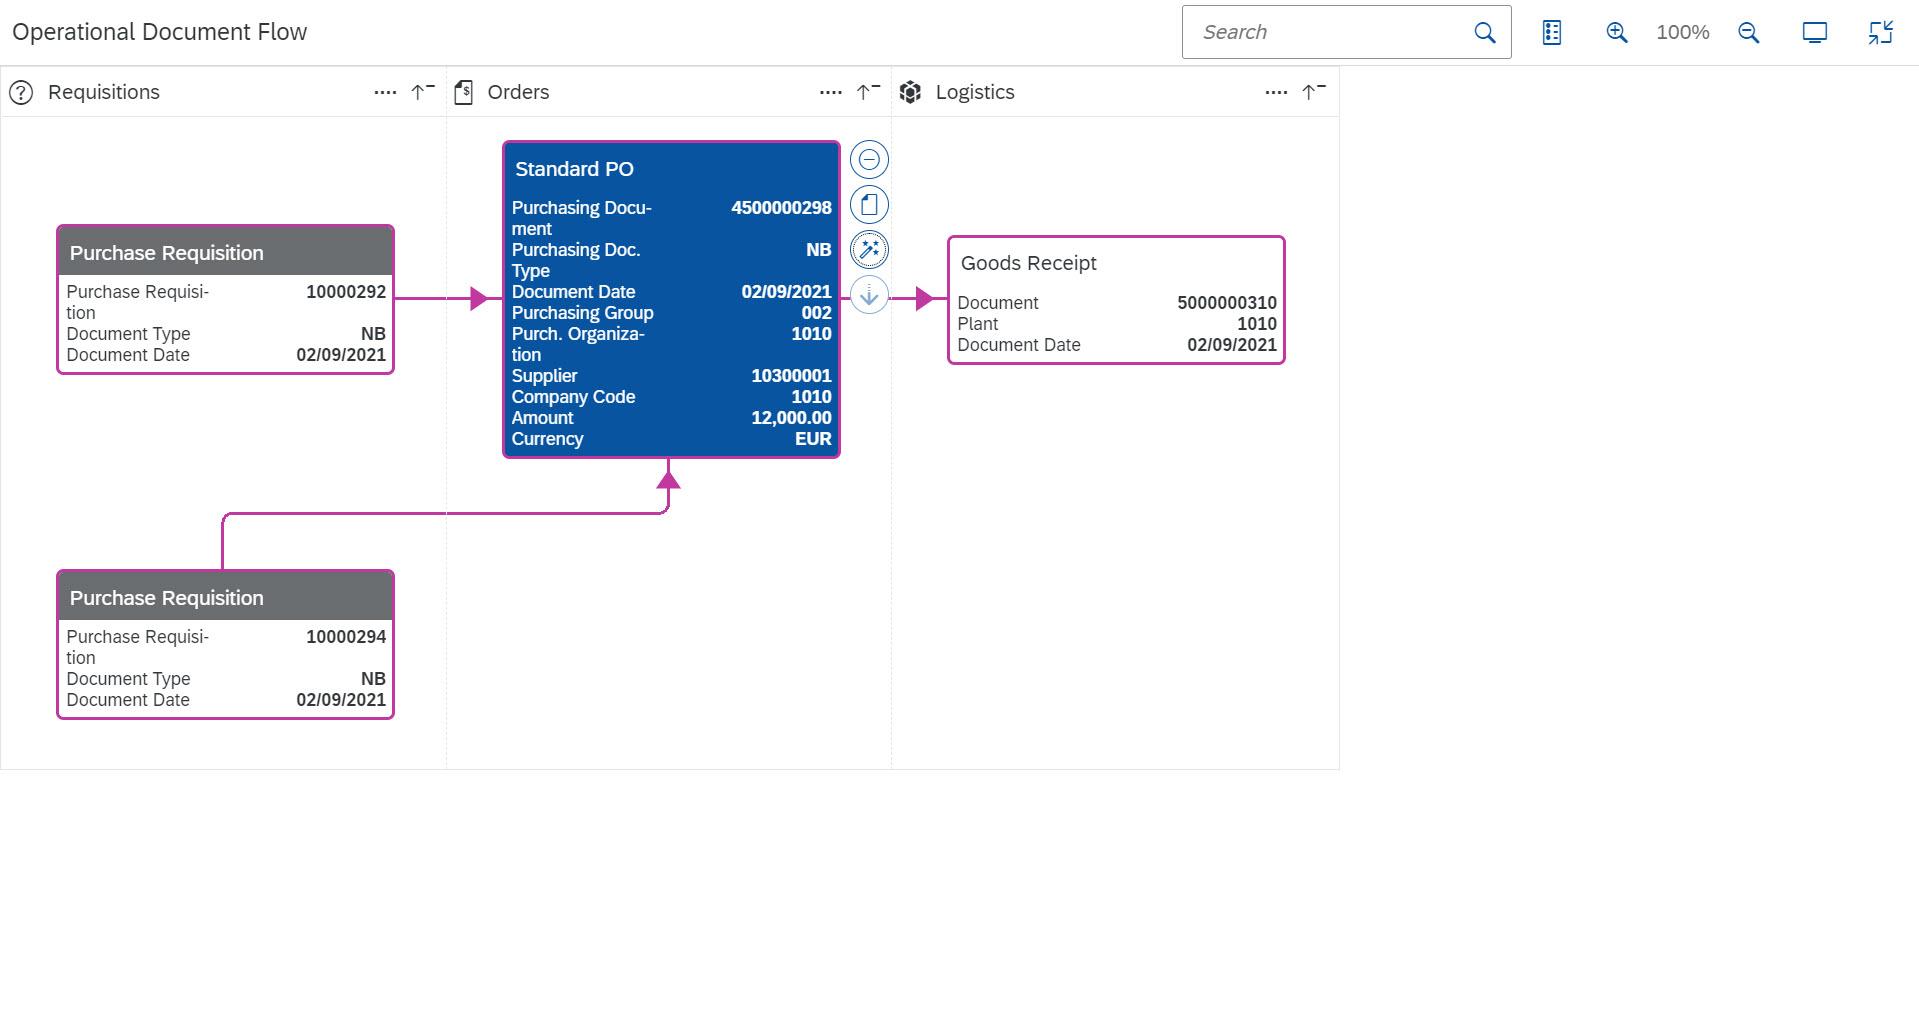 Procurement_Document_Overview